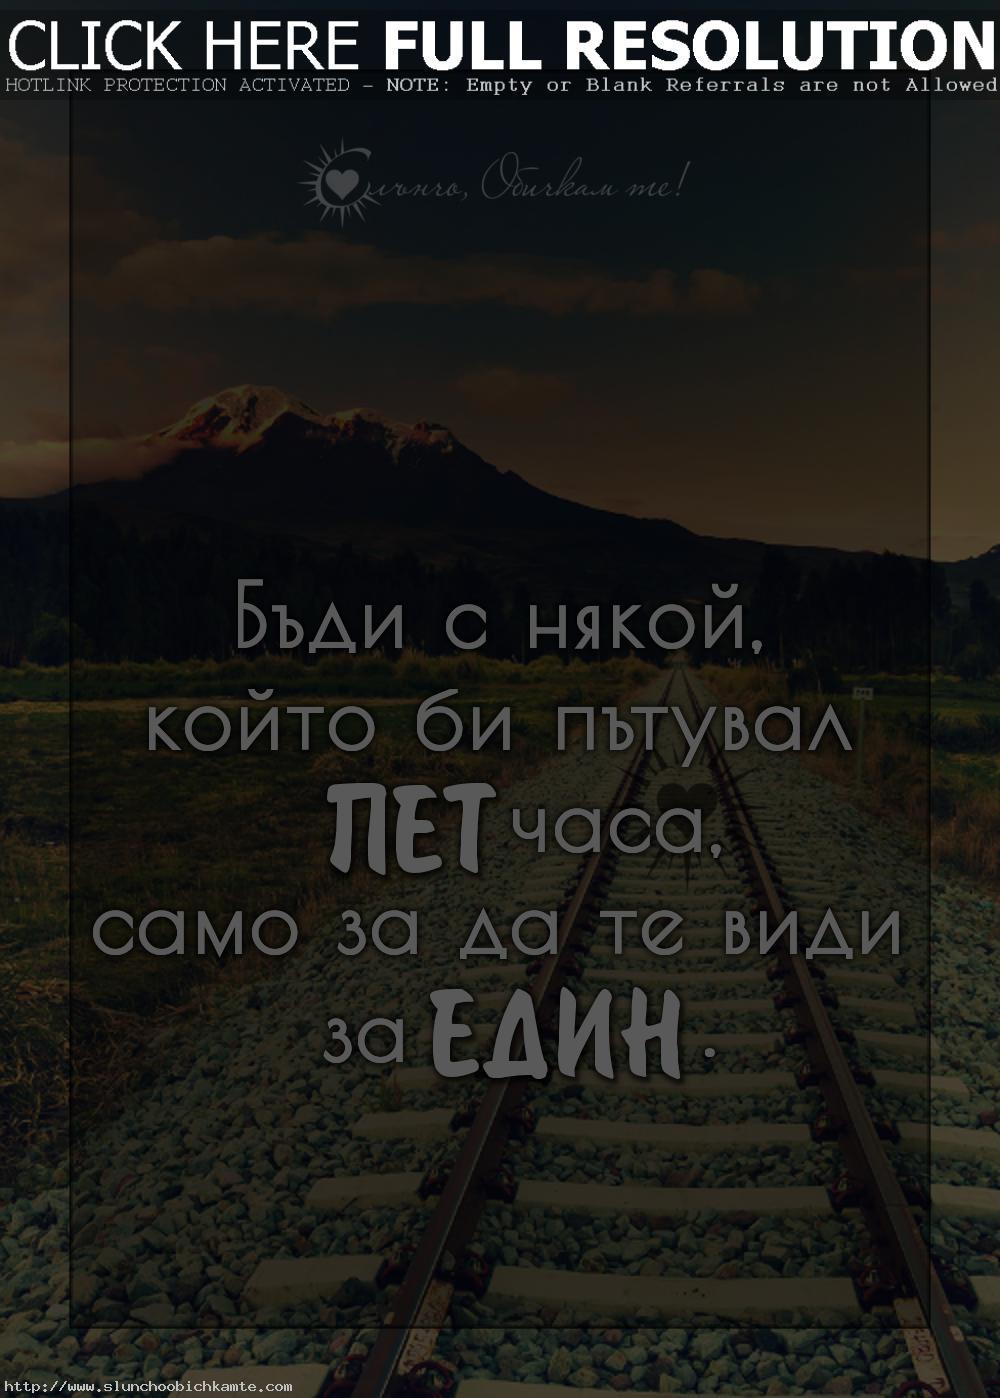 Бъди с някой който би пътувал пет часа, само за да те види за един - Истинска любов, любов от разстояние, любов, любовни мисли, любовни фрази, любовни цитати, любовни статуси